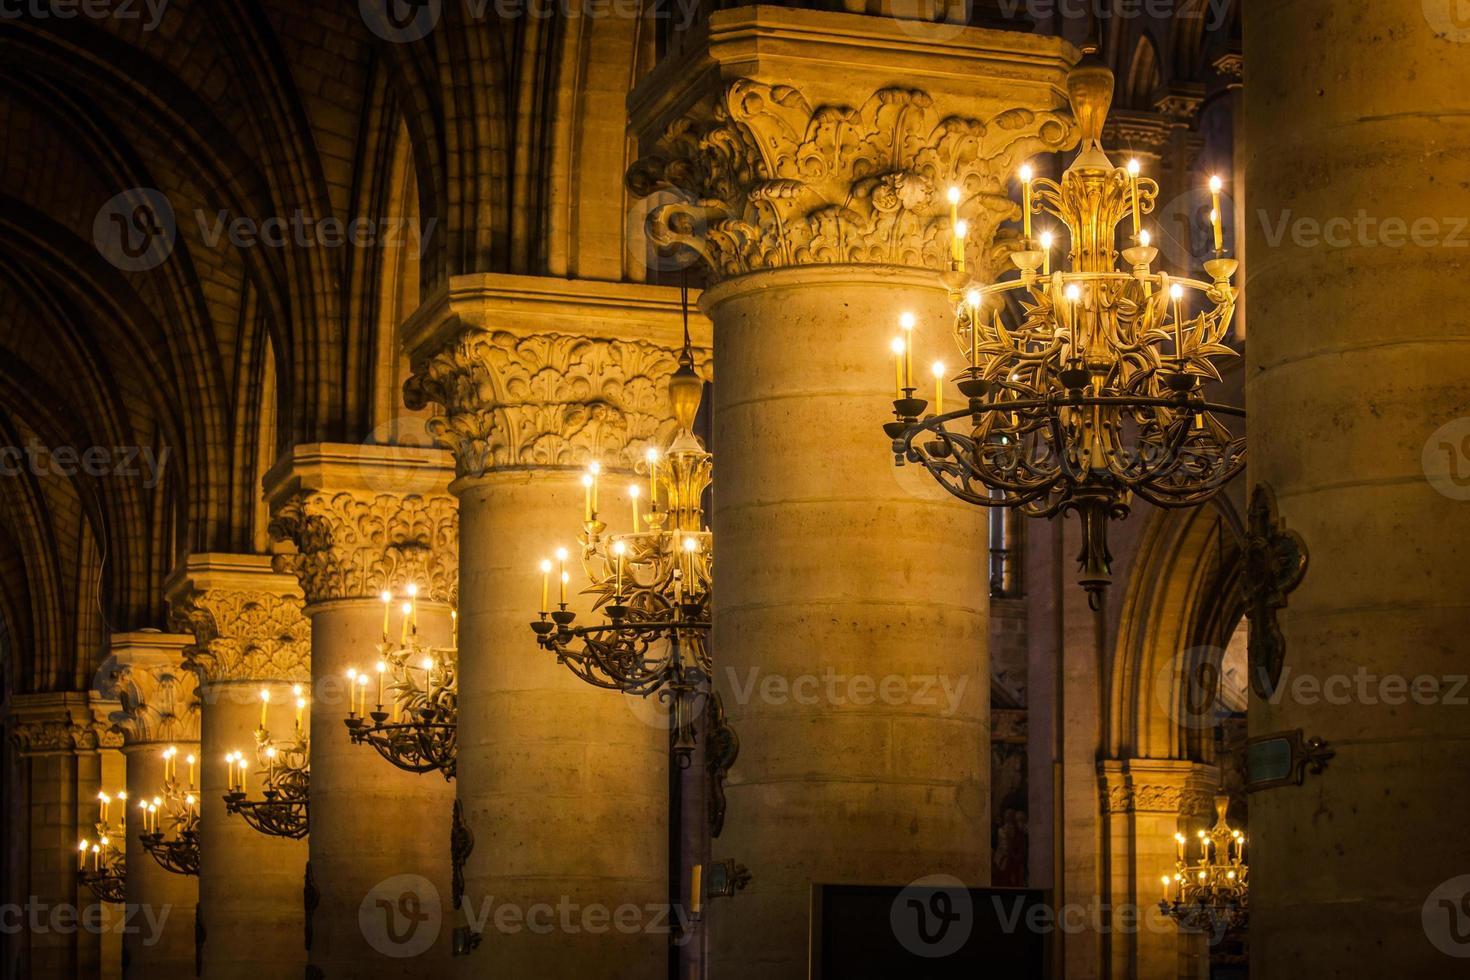 columnata interior de la iglesia foto